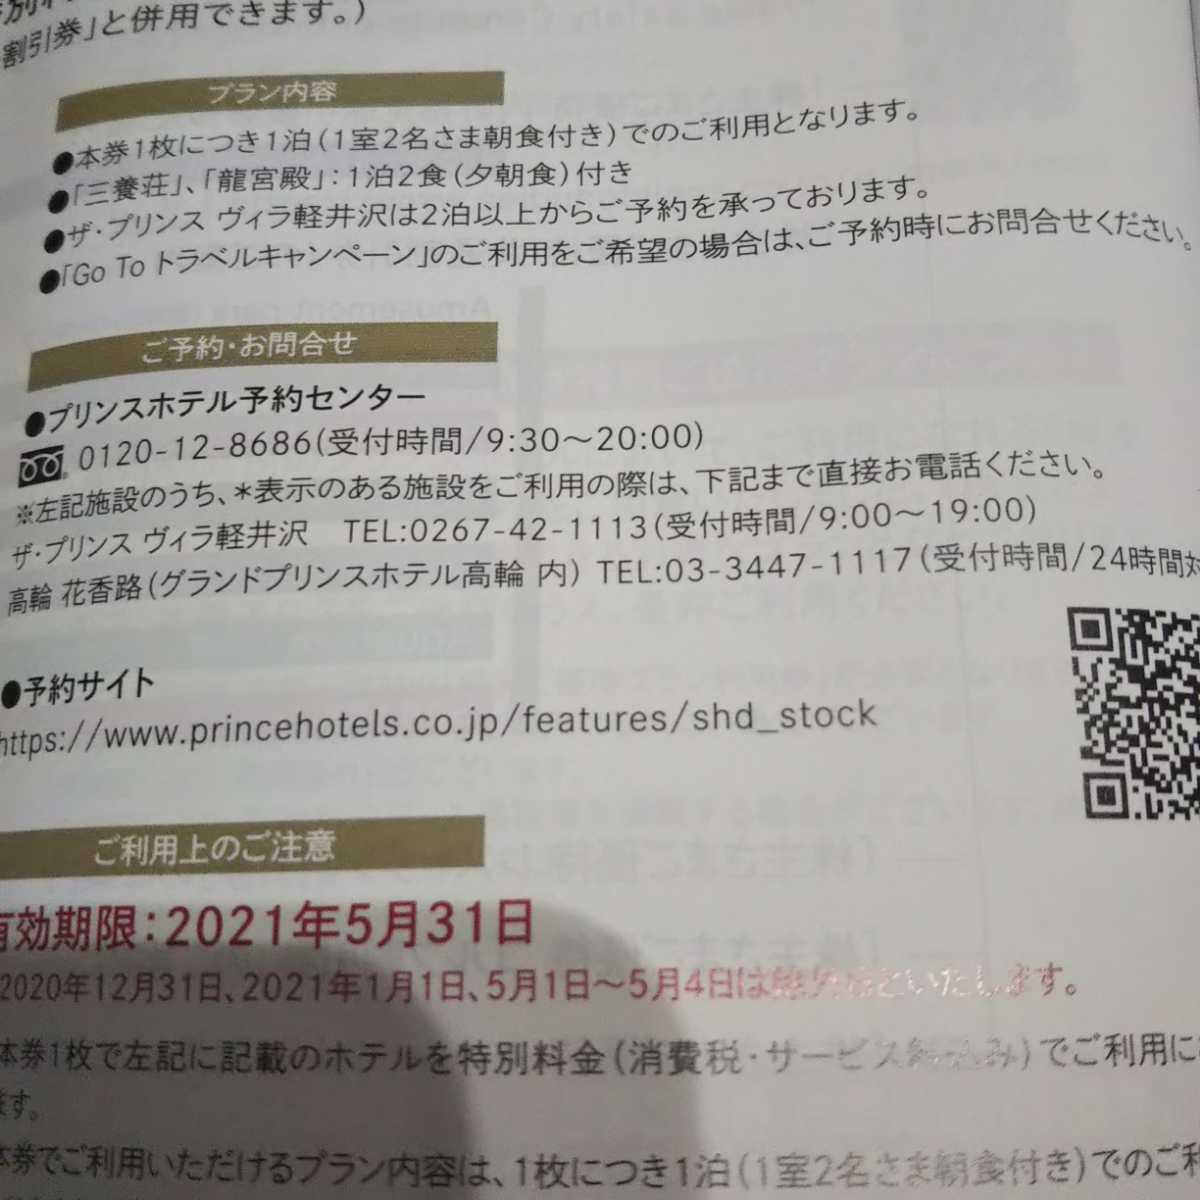 プリンスホテル 特別ご優待プラン利用券 【1枚】 西武HD 株主優待券 _画像3